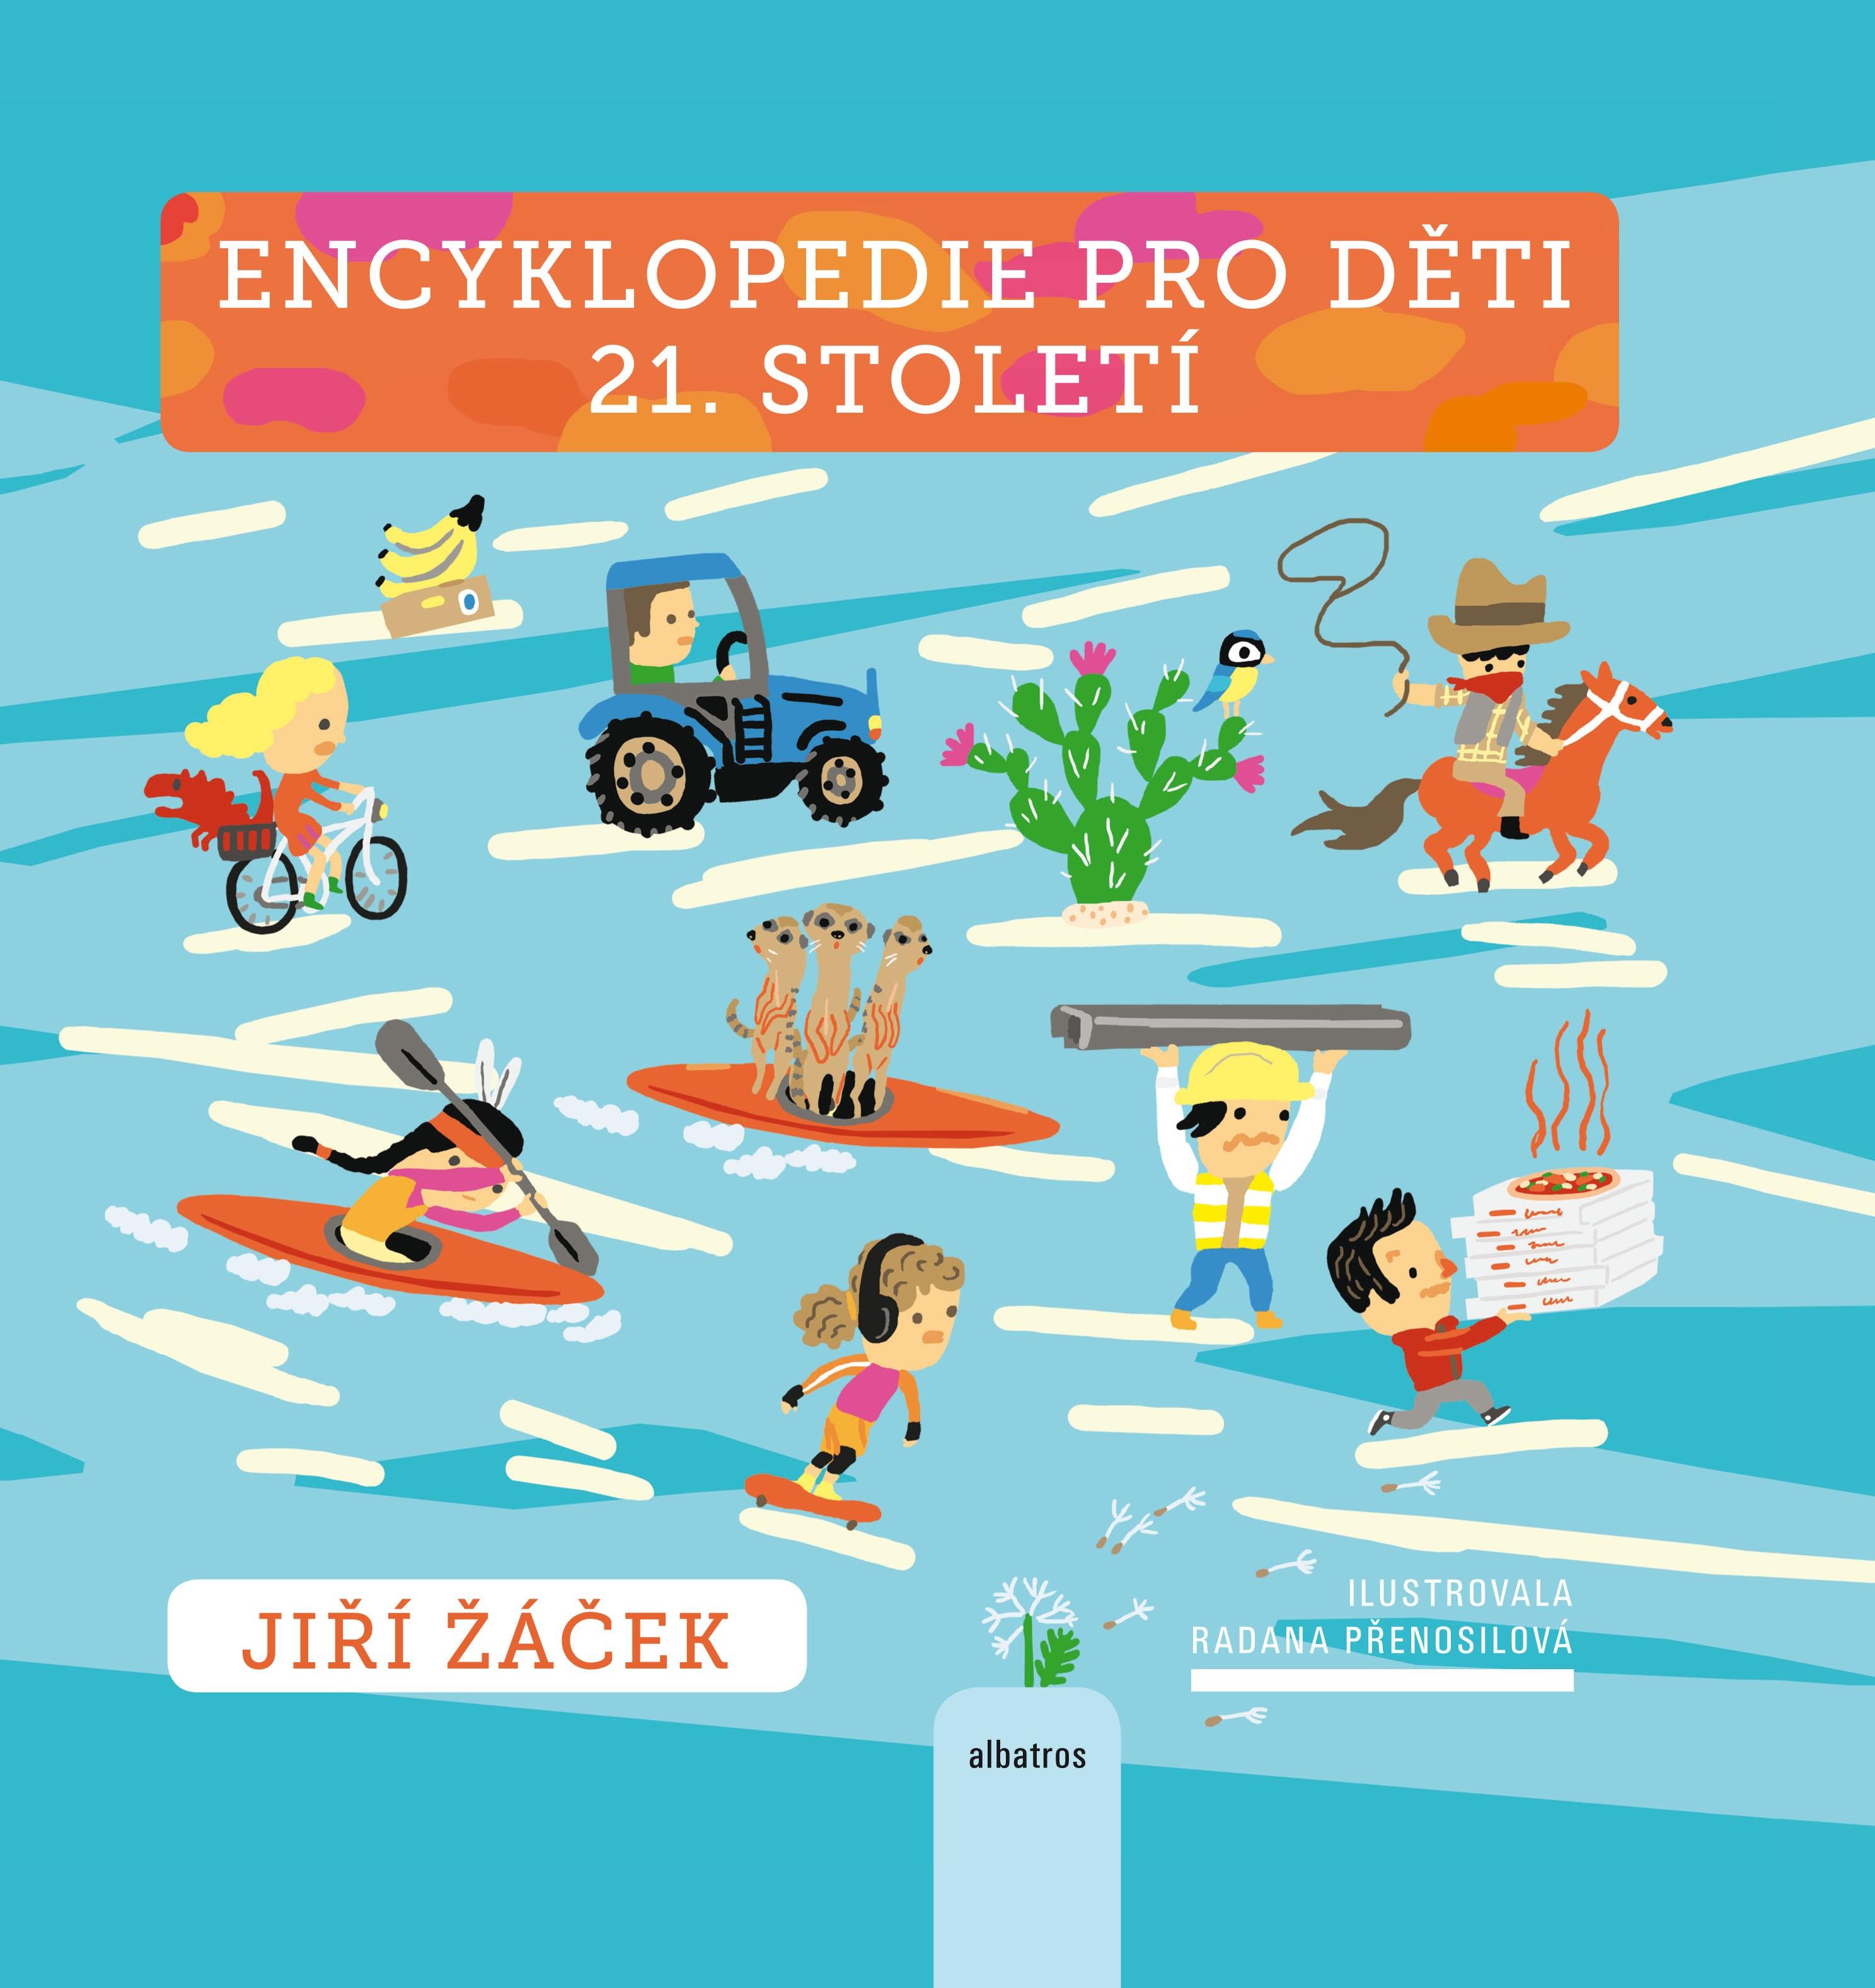 Encyklopedie pro děti 21. století | Jiří Žáček, Radana Přenosilová